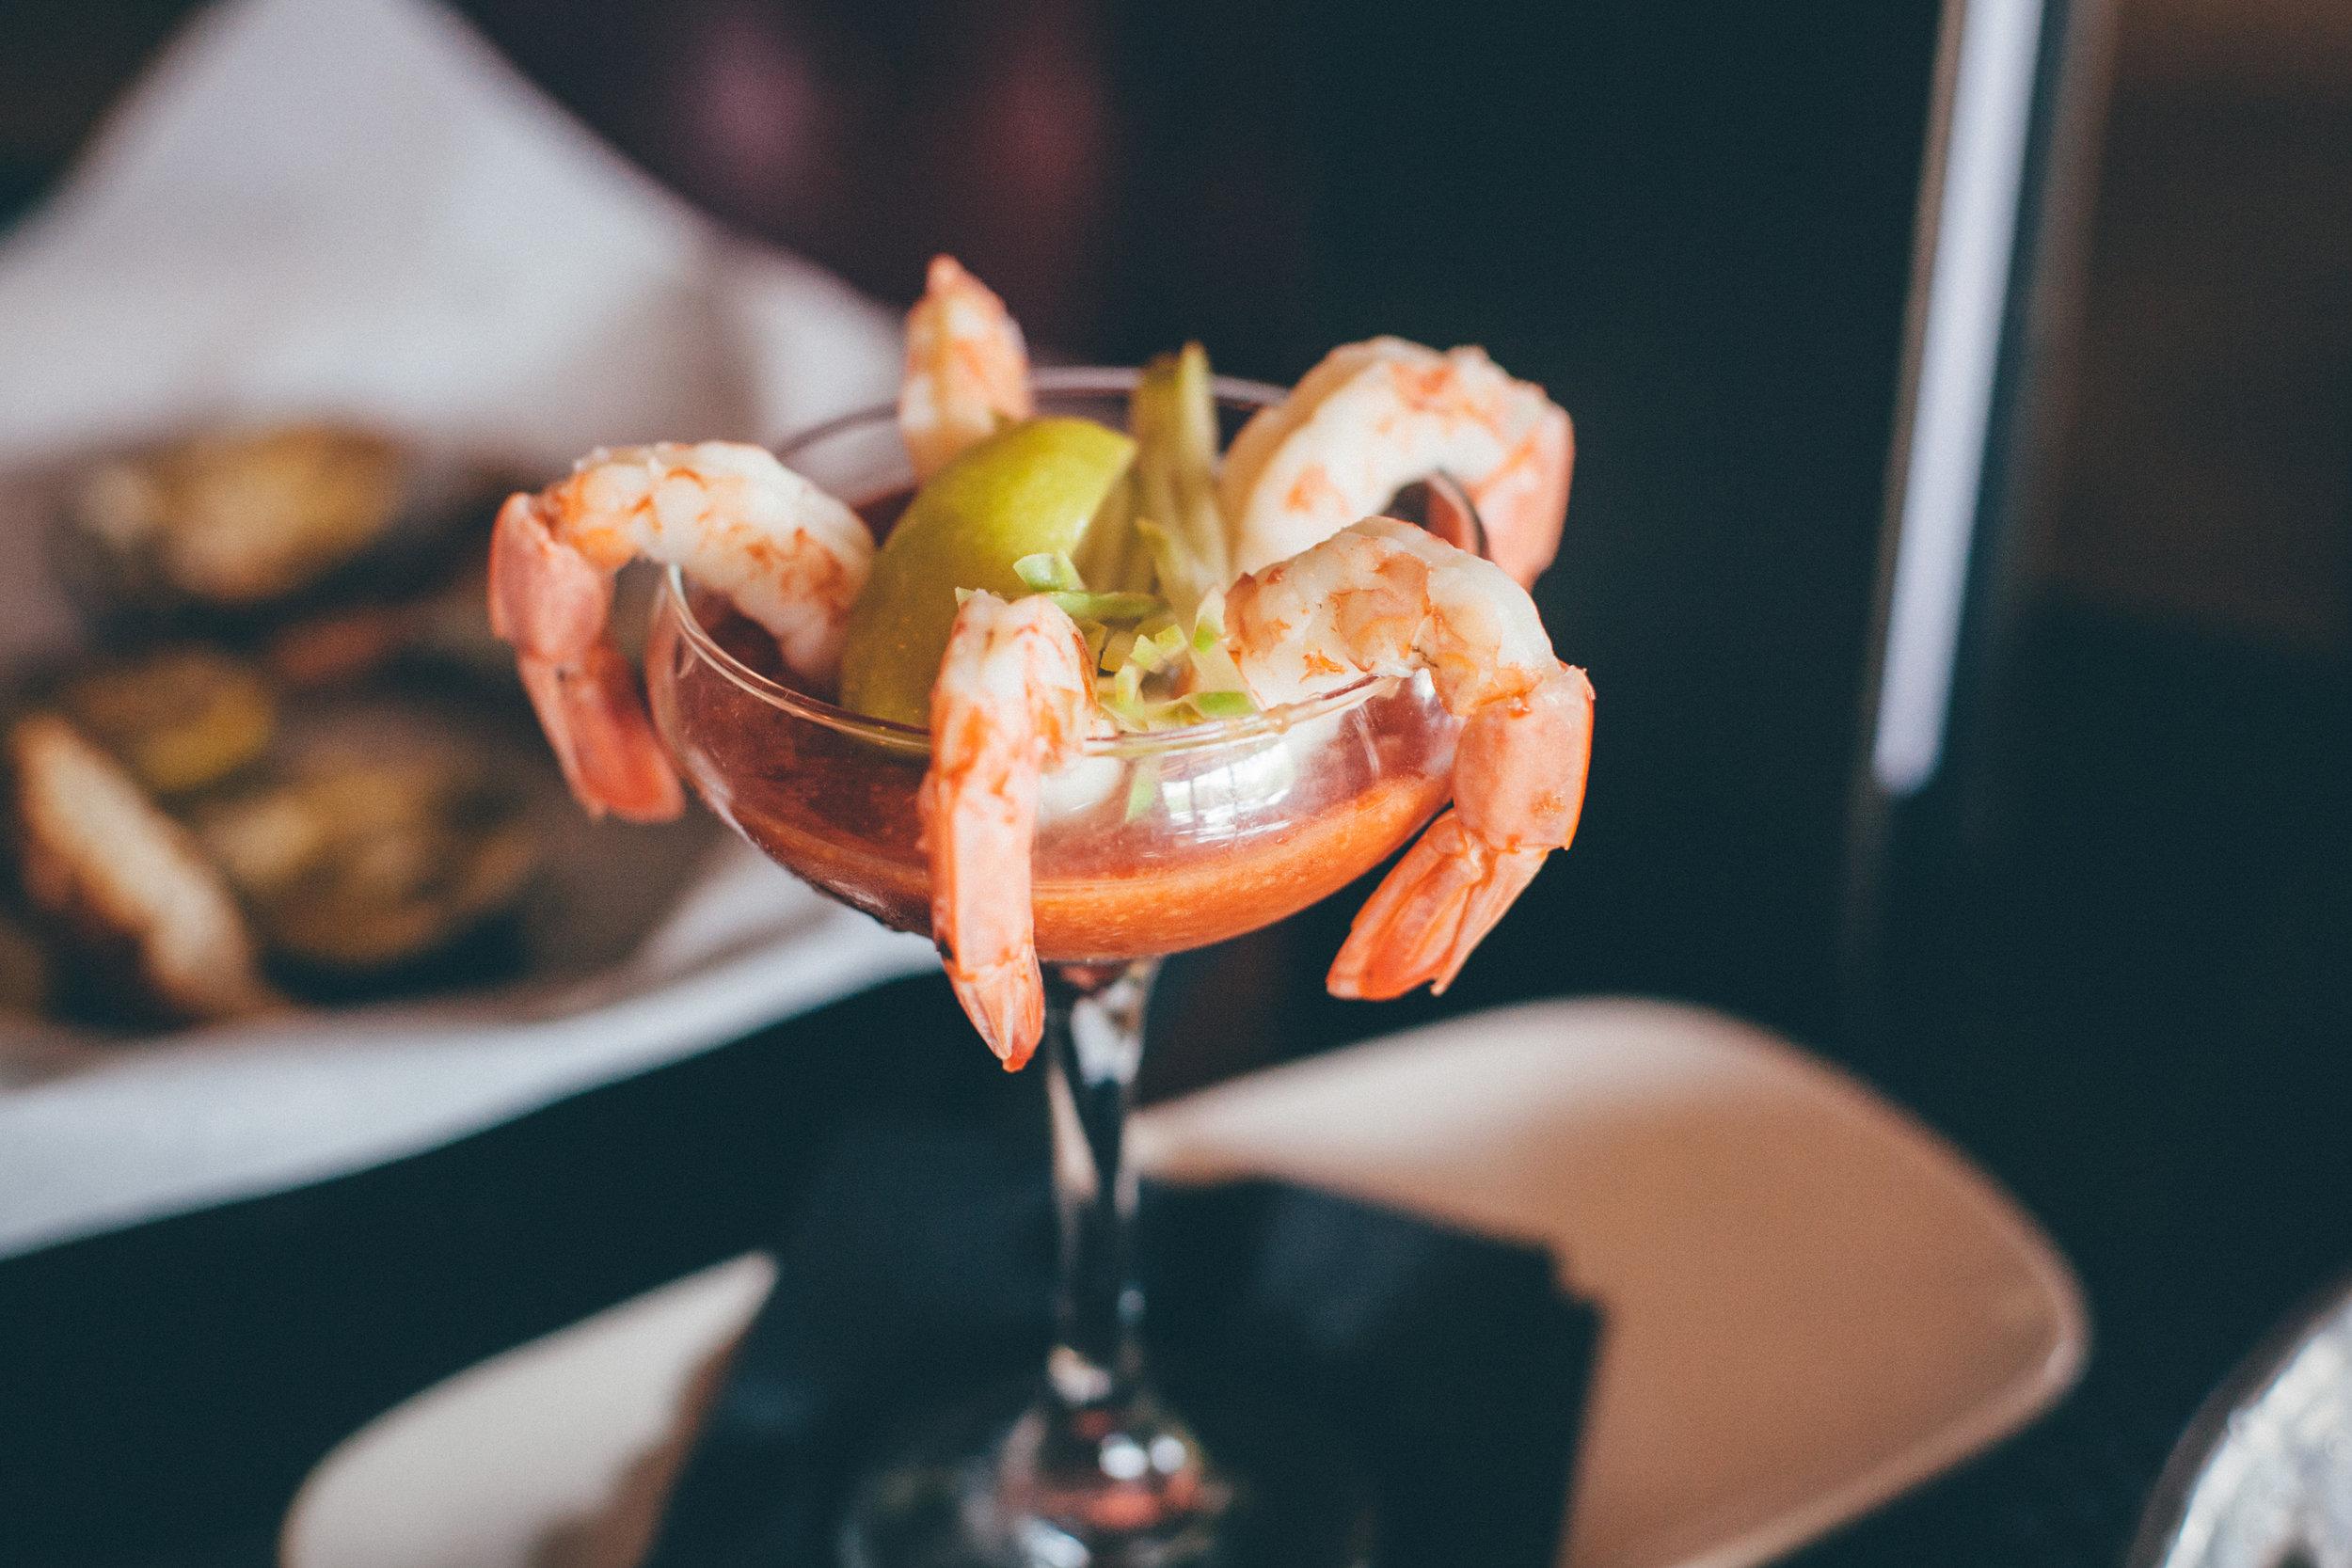 Shrimp Cocktail: Sweet coldwater shrimp cooked until tender, lemon wedges, zesty cocktail sauce.